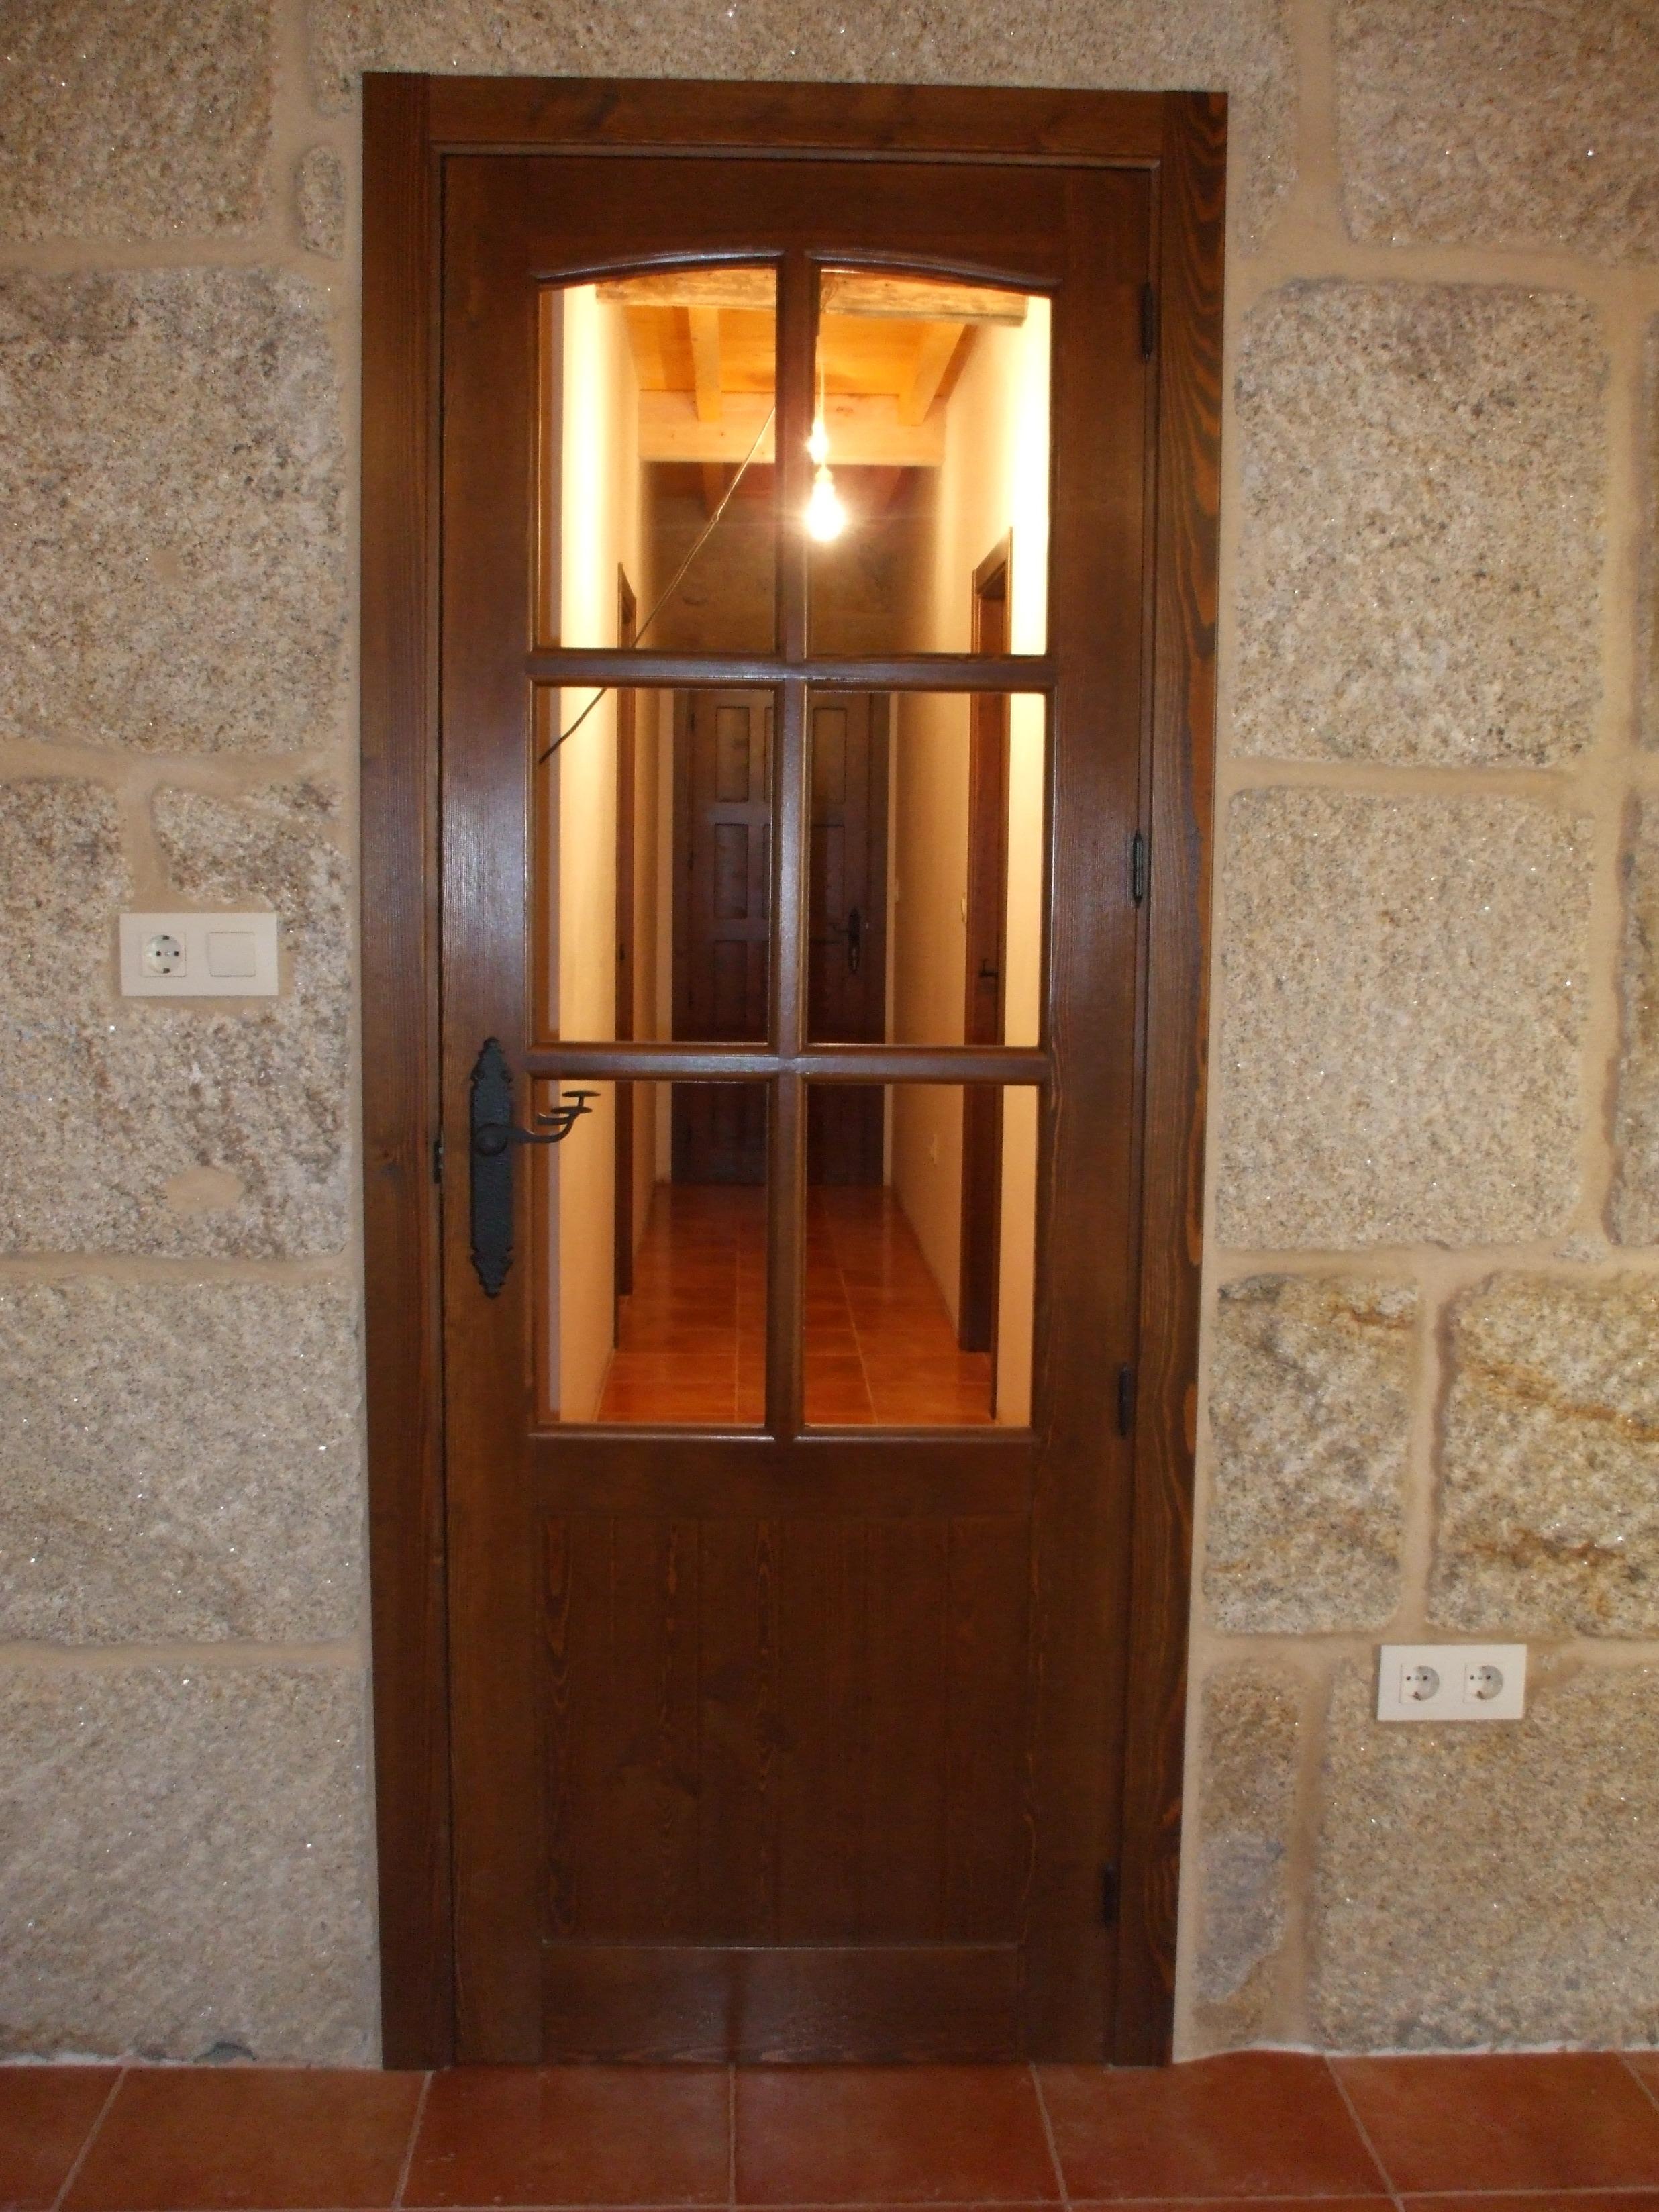 Puerta interior r stica modelo cuenca curva puertas for Puertas rusticas de interior baratas